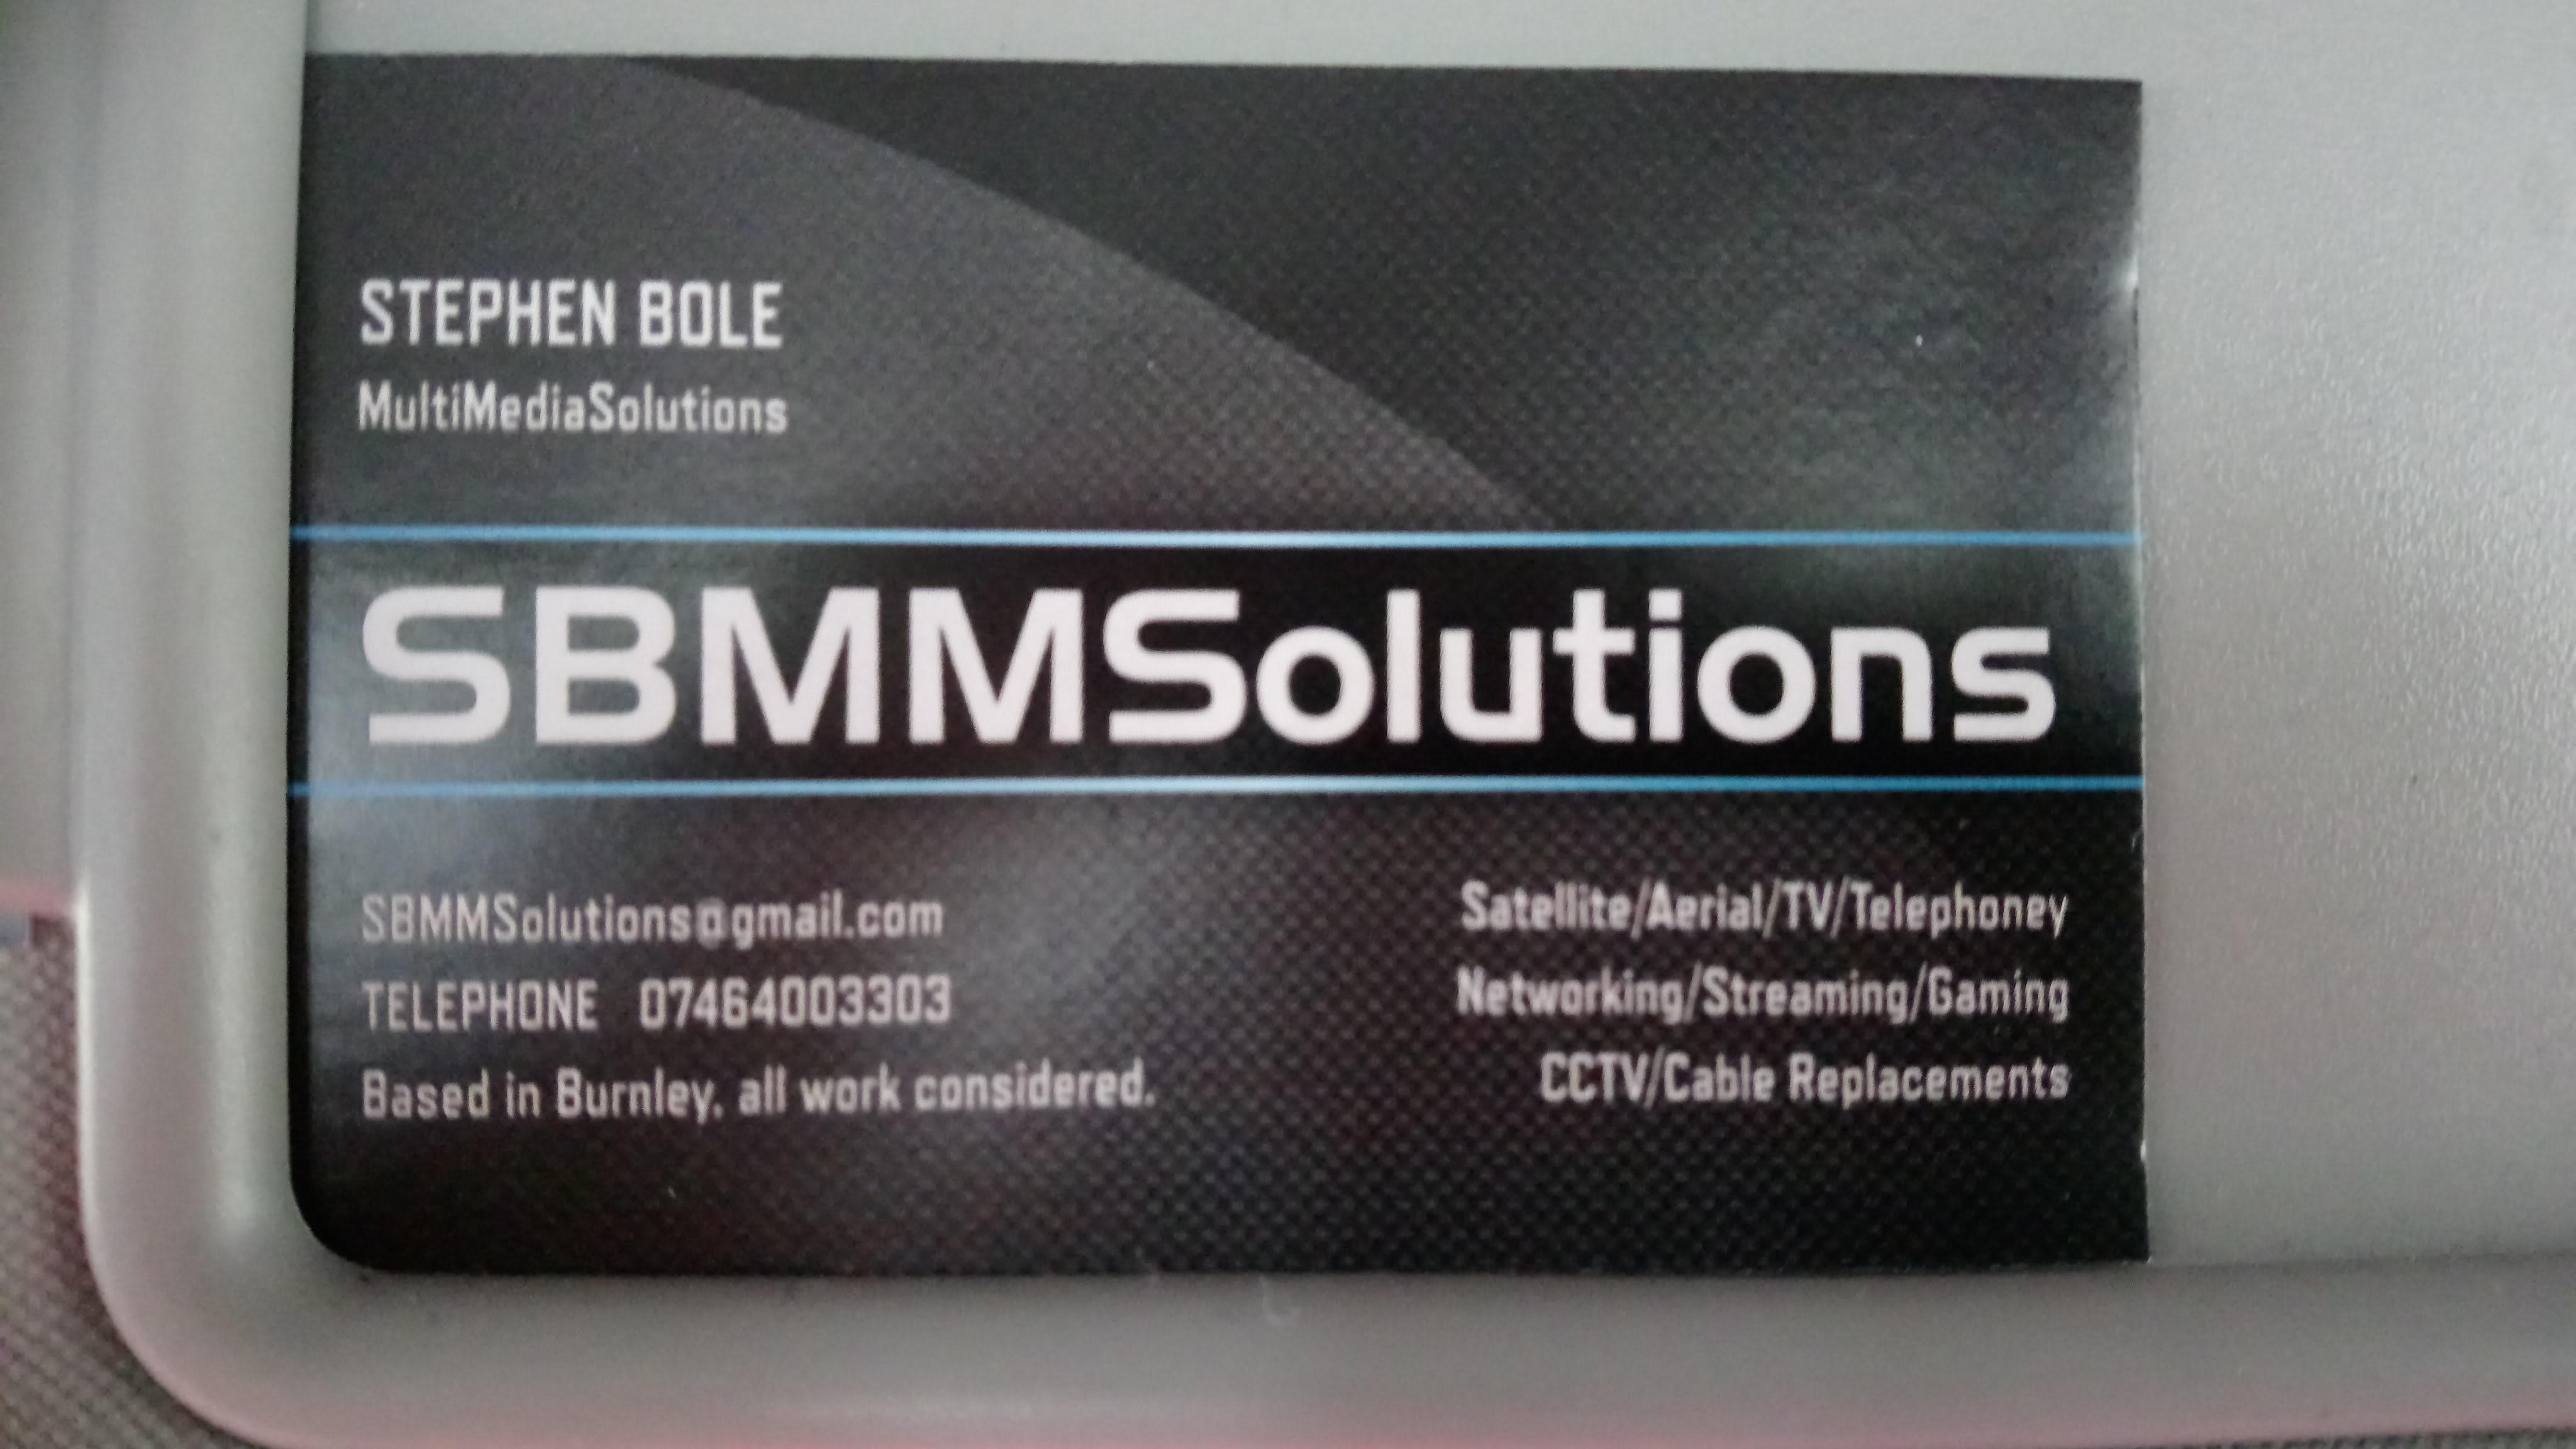 SBMM Solutions